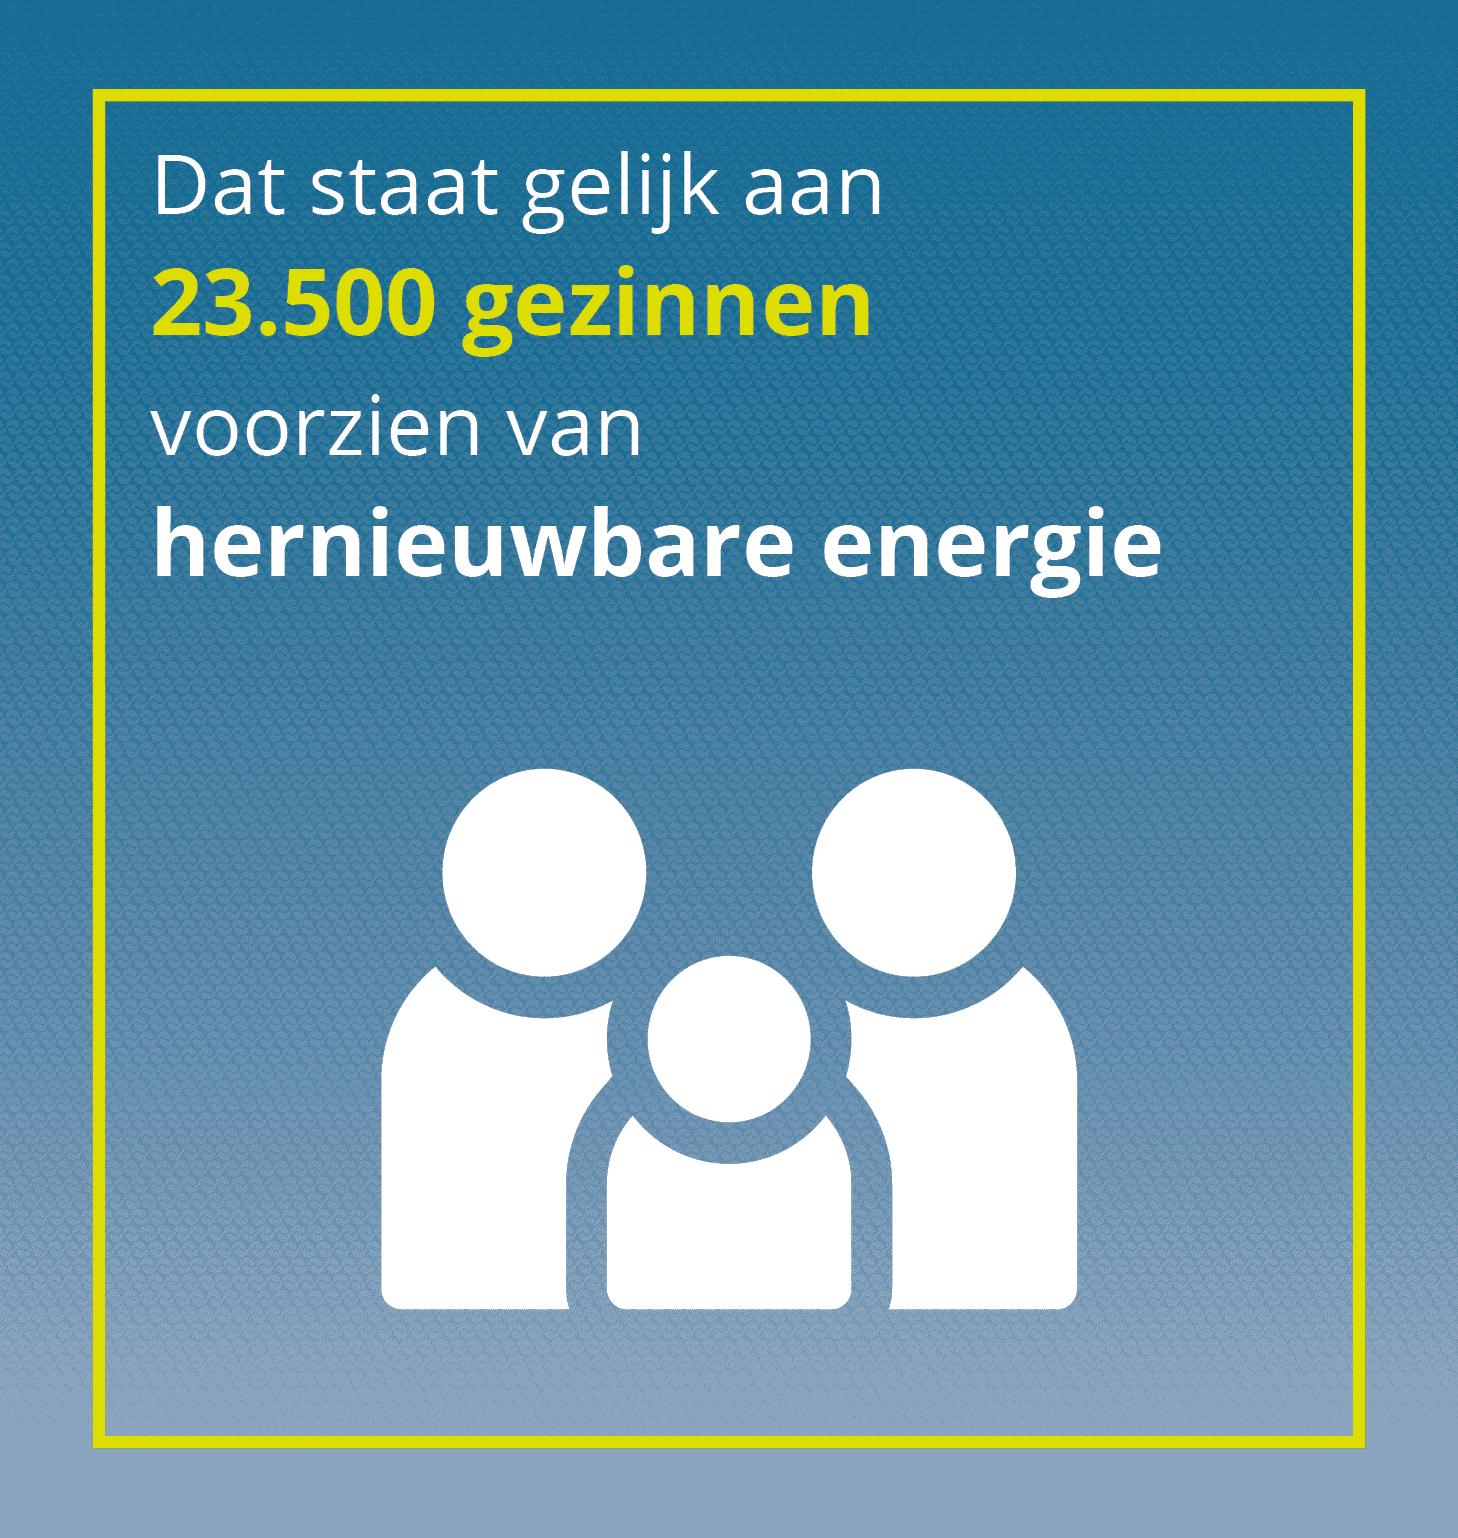 Energiebedrijf